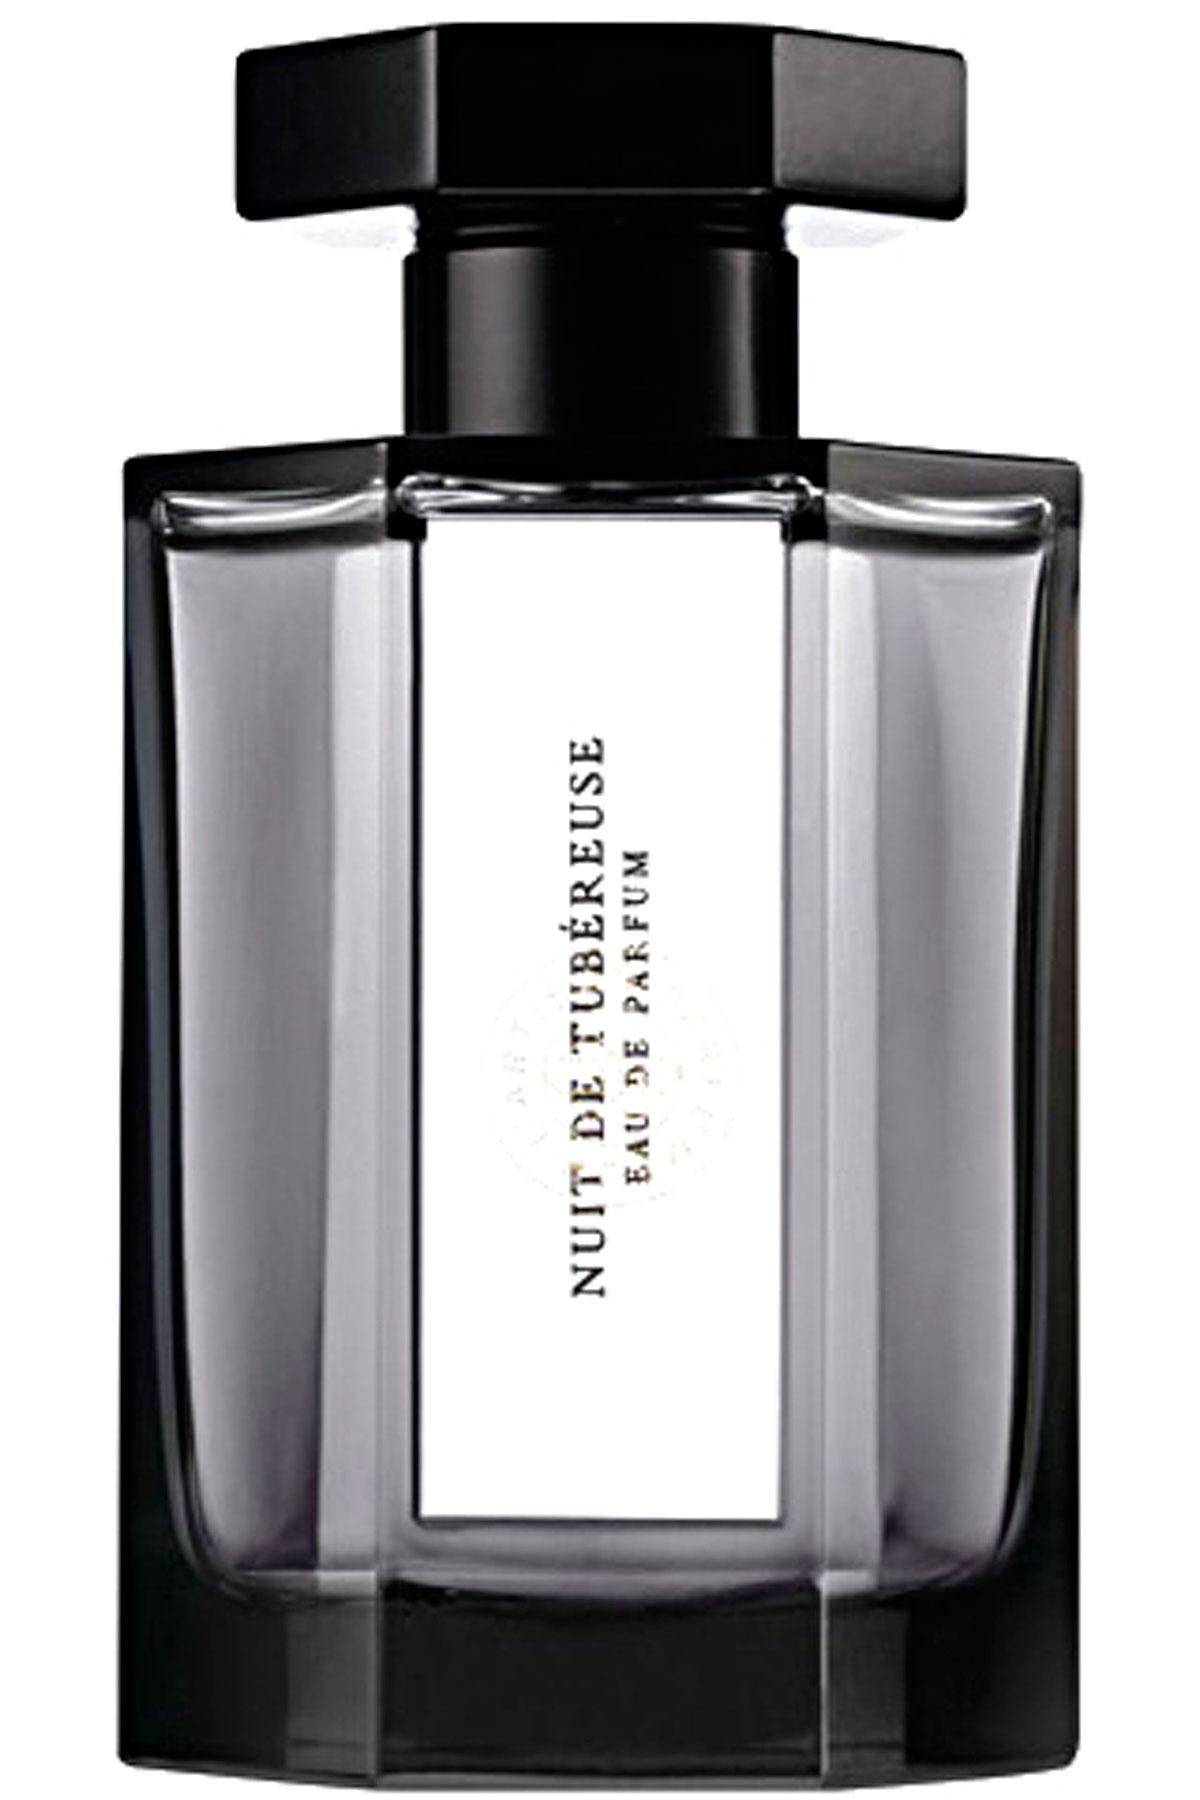 Artisan Parfumeur Fragrances for Men, Nuit De Tubereuse - Eau De Parfum - 100 Ml, 2019, 100 ml